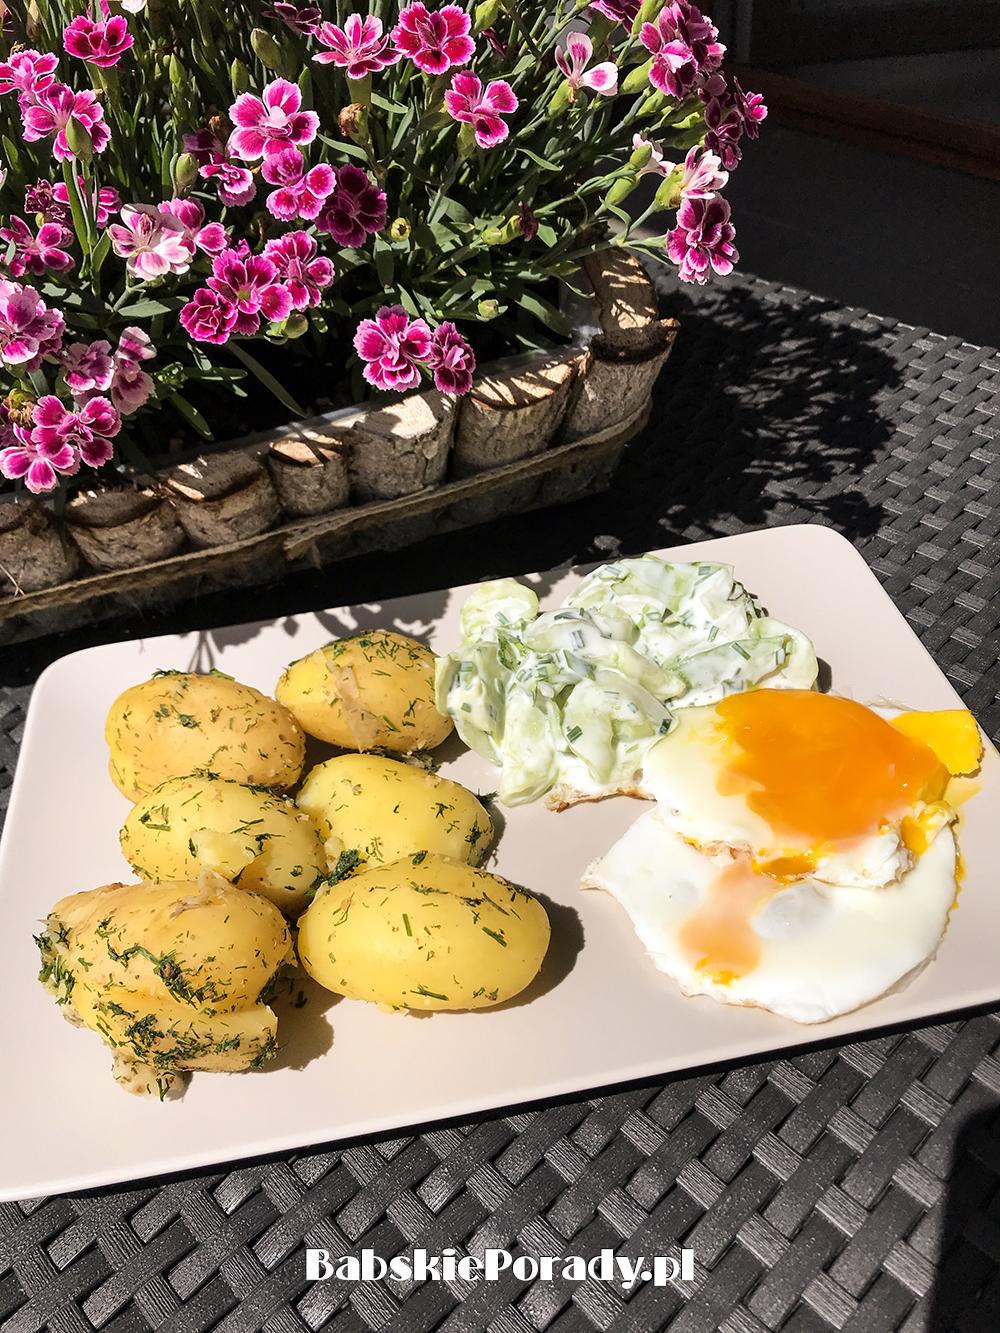 ziemniaki z jajkiem, ziemniaki z jajkiem i mizerią, pomysł na obiad, szybki obiad